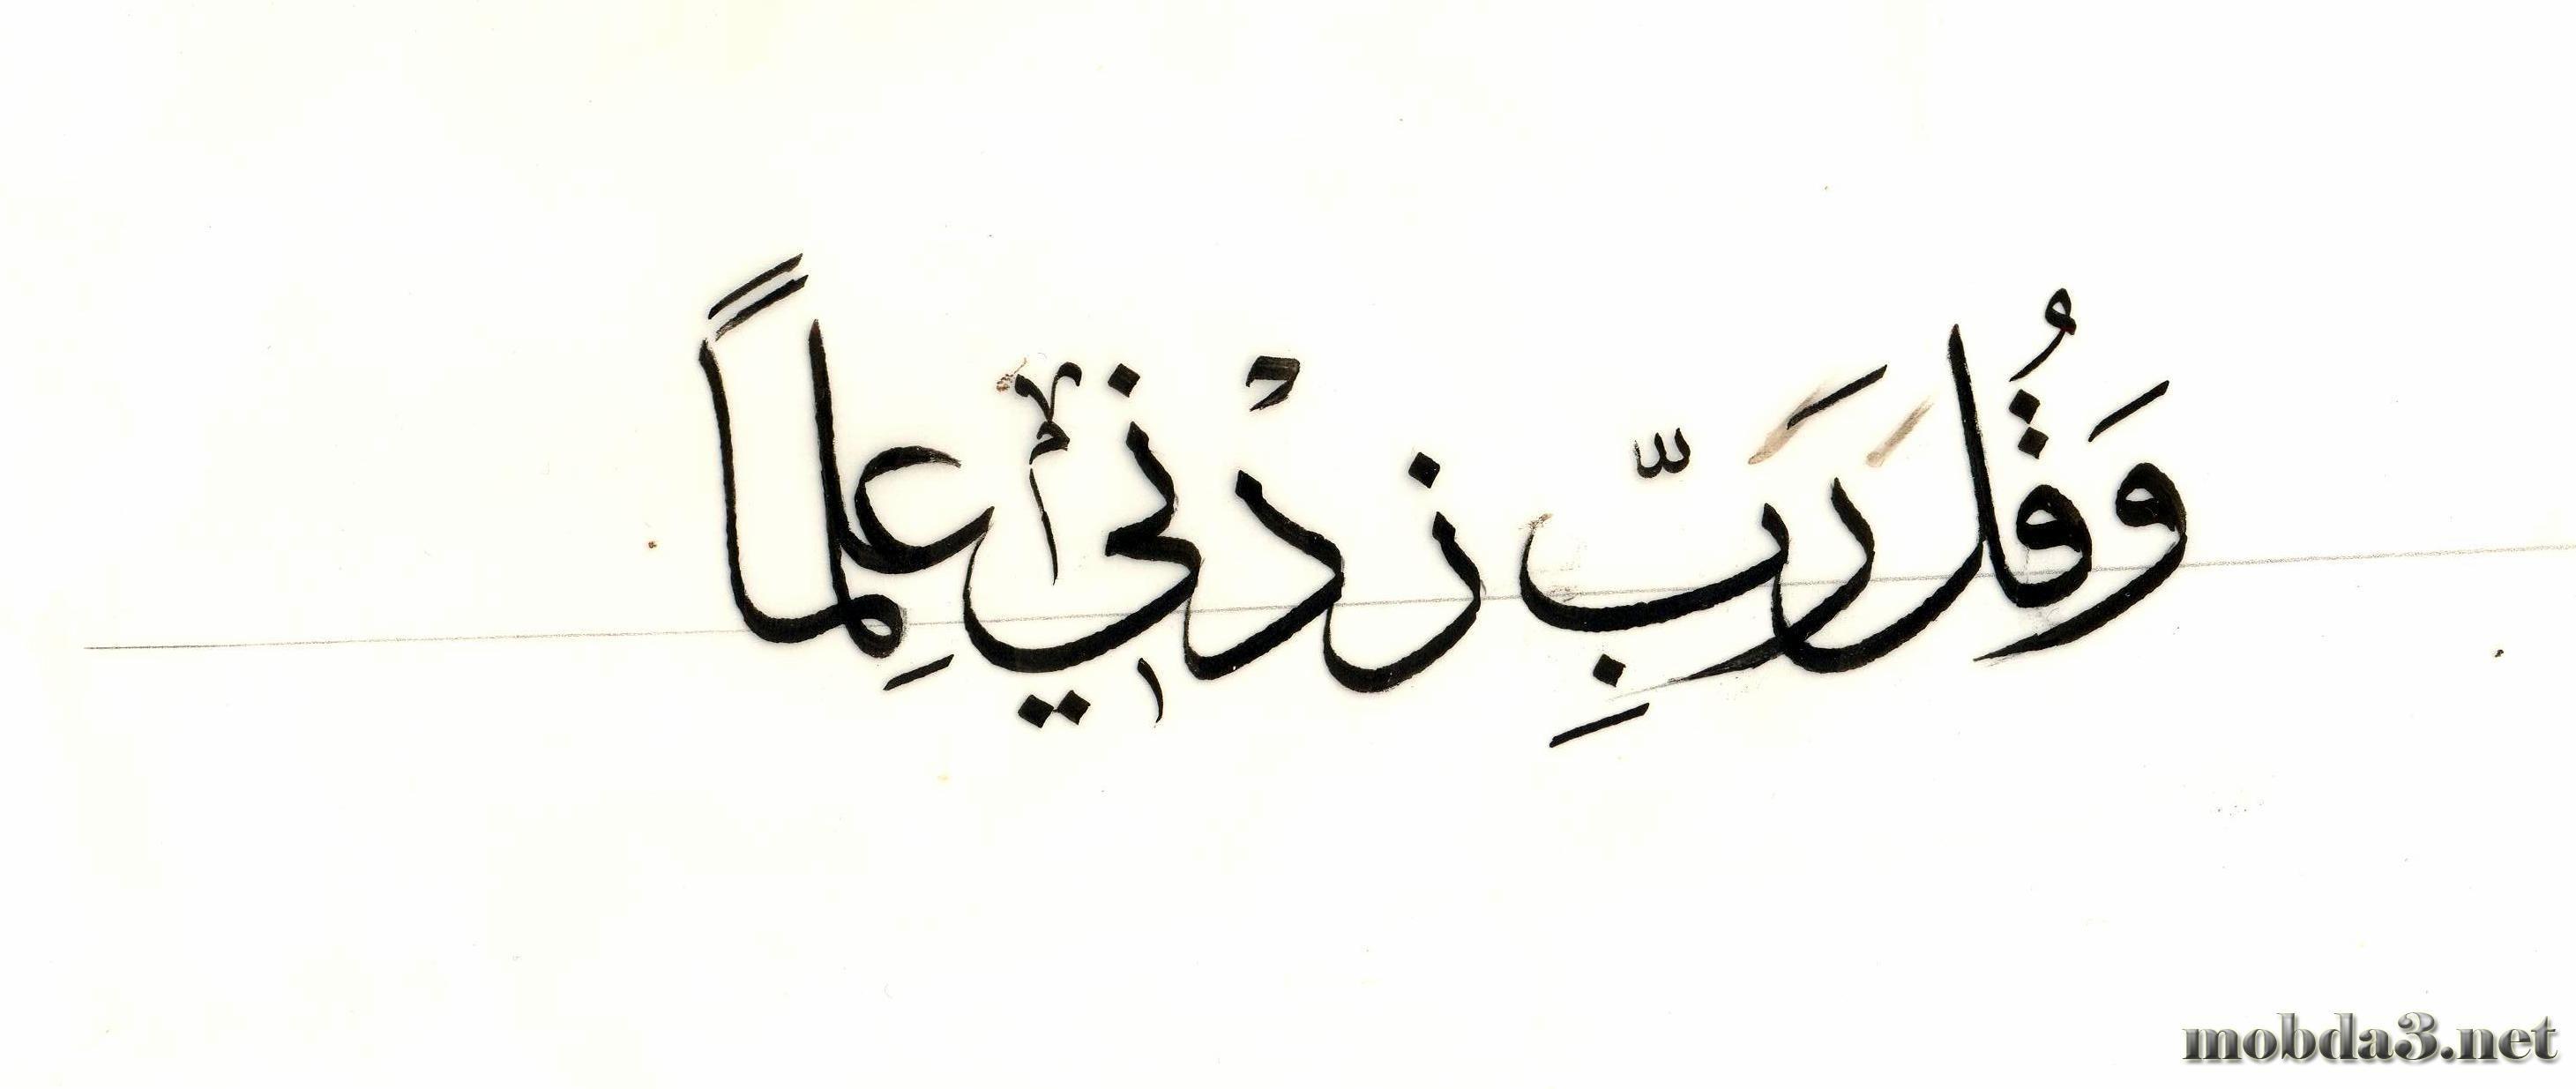 نتيجة بحث الصور عن لوحات خط عربي زدني علما Calligraphy Arabic Calligraphy Arabic